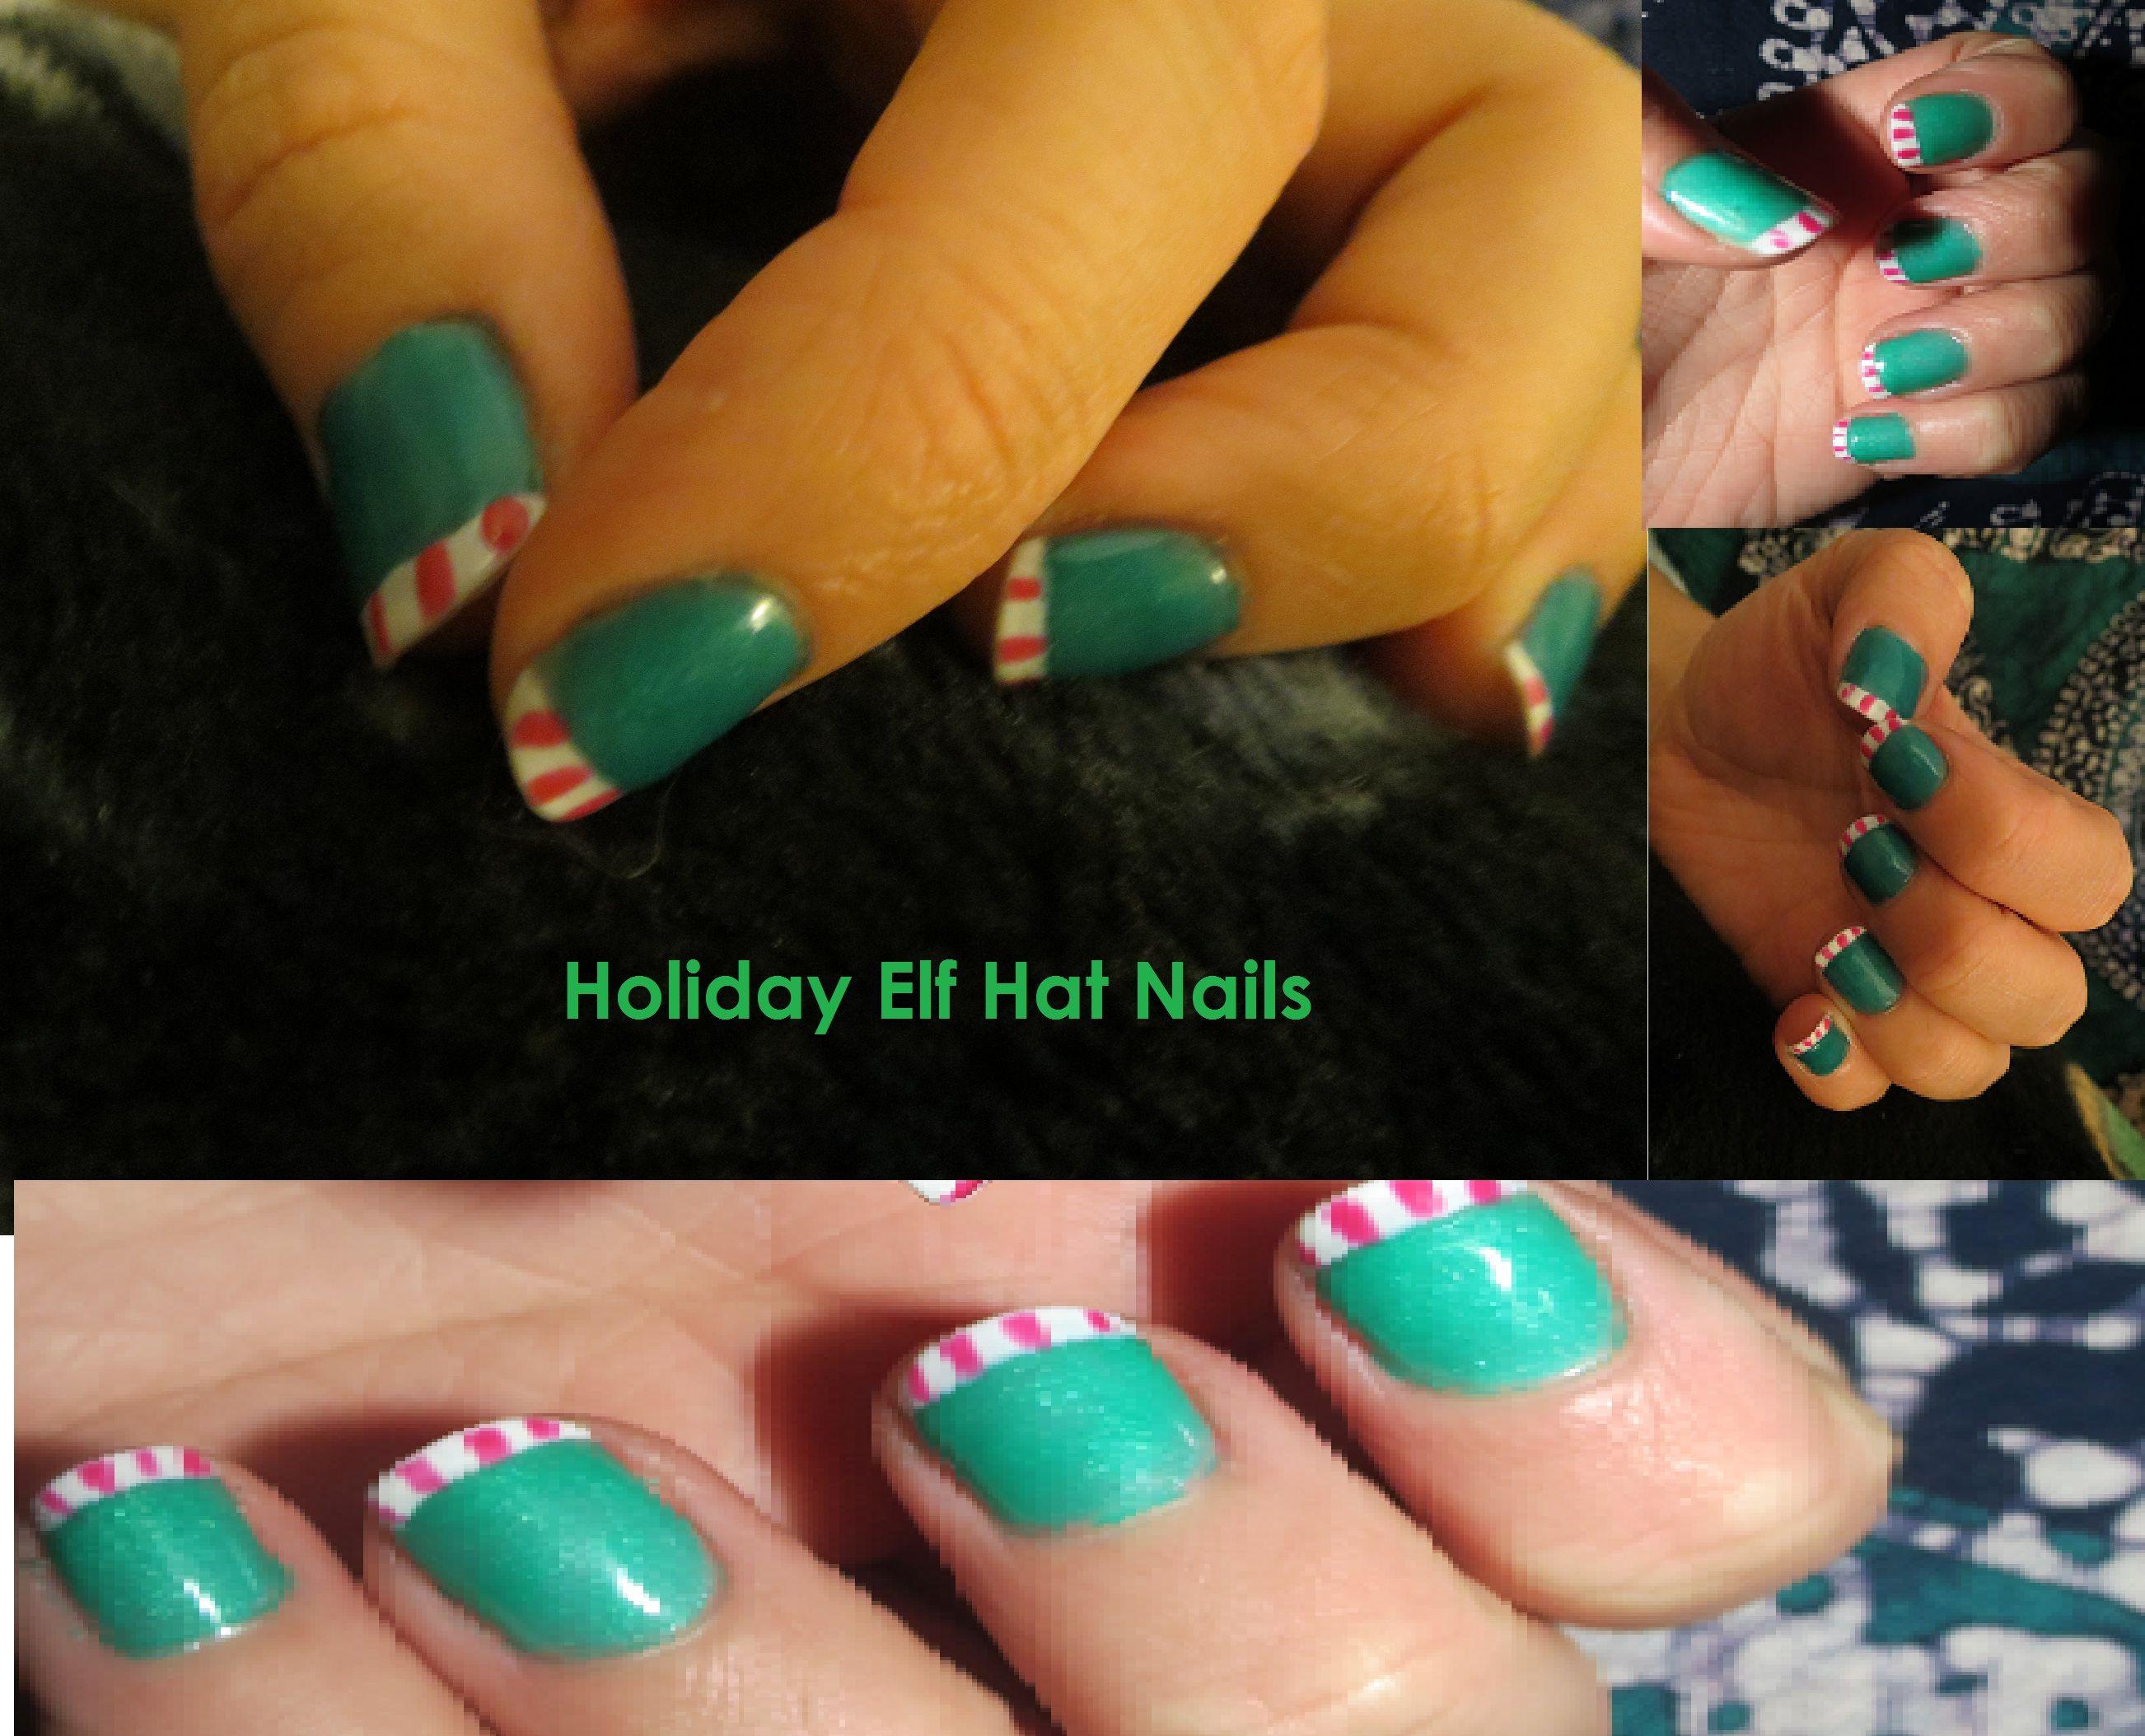 Holiday Elf Hat Nails OPI gel nail polish \